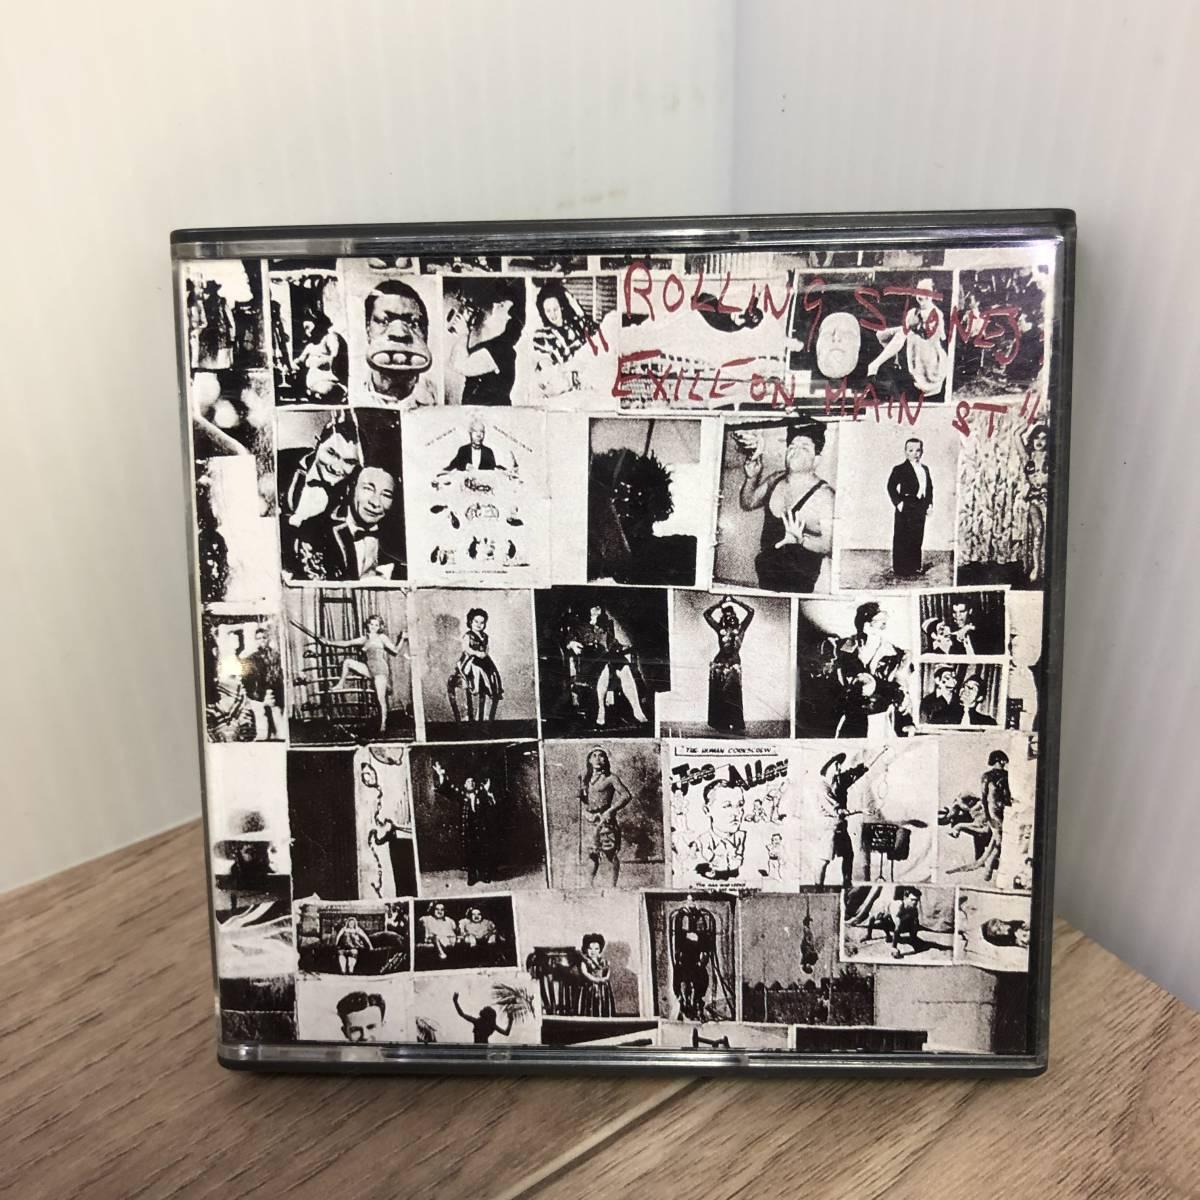 中古◇ 廃盤 MD The Rolling Stones ローリング・ストーンズ 「EXILE ON MAIN ST.」 レア Mini Disc ◇クリックポスト